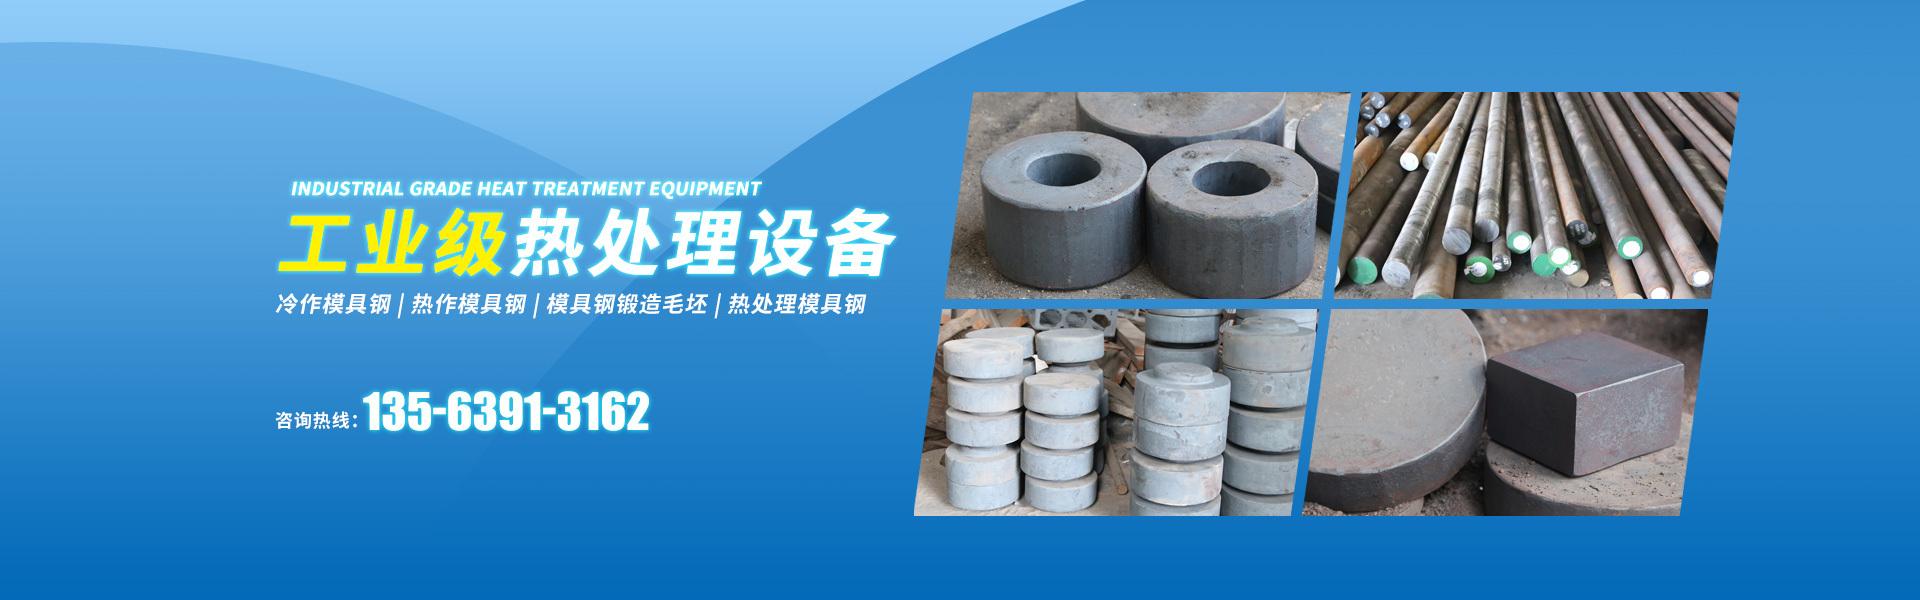 热作模具钢厂家,模具钢热处理,临沂热作模具钢,模具钢锻造厂家